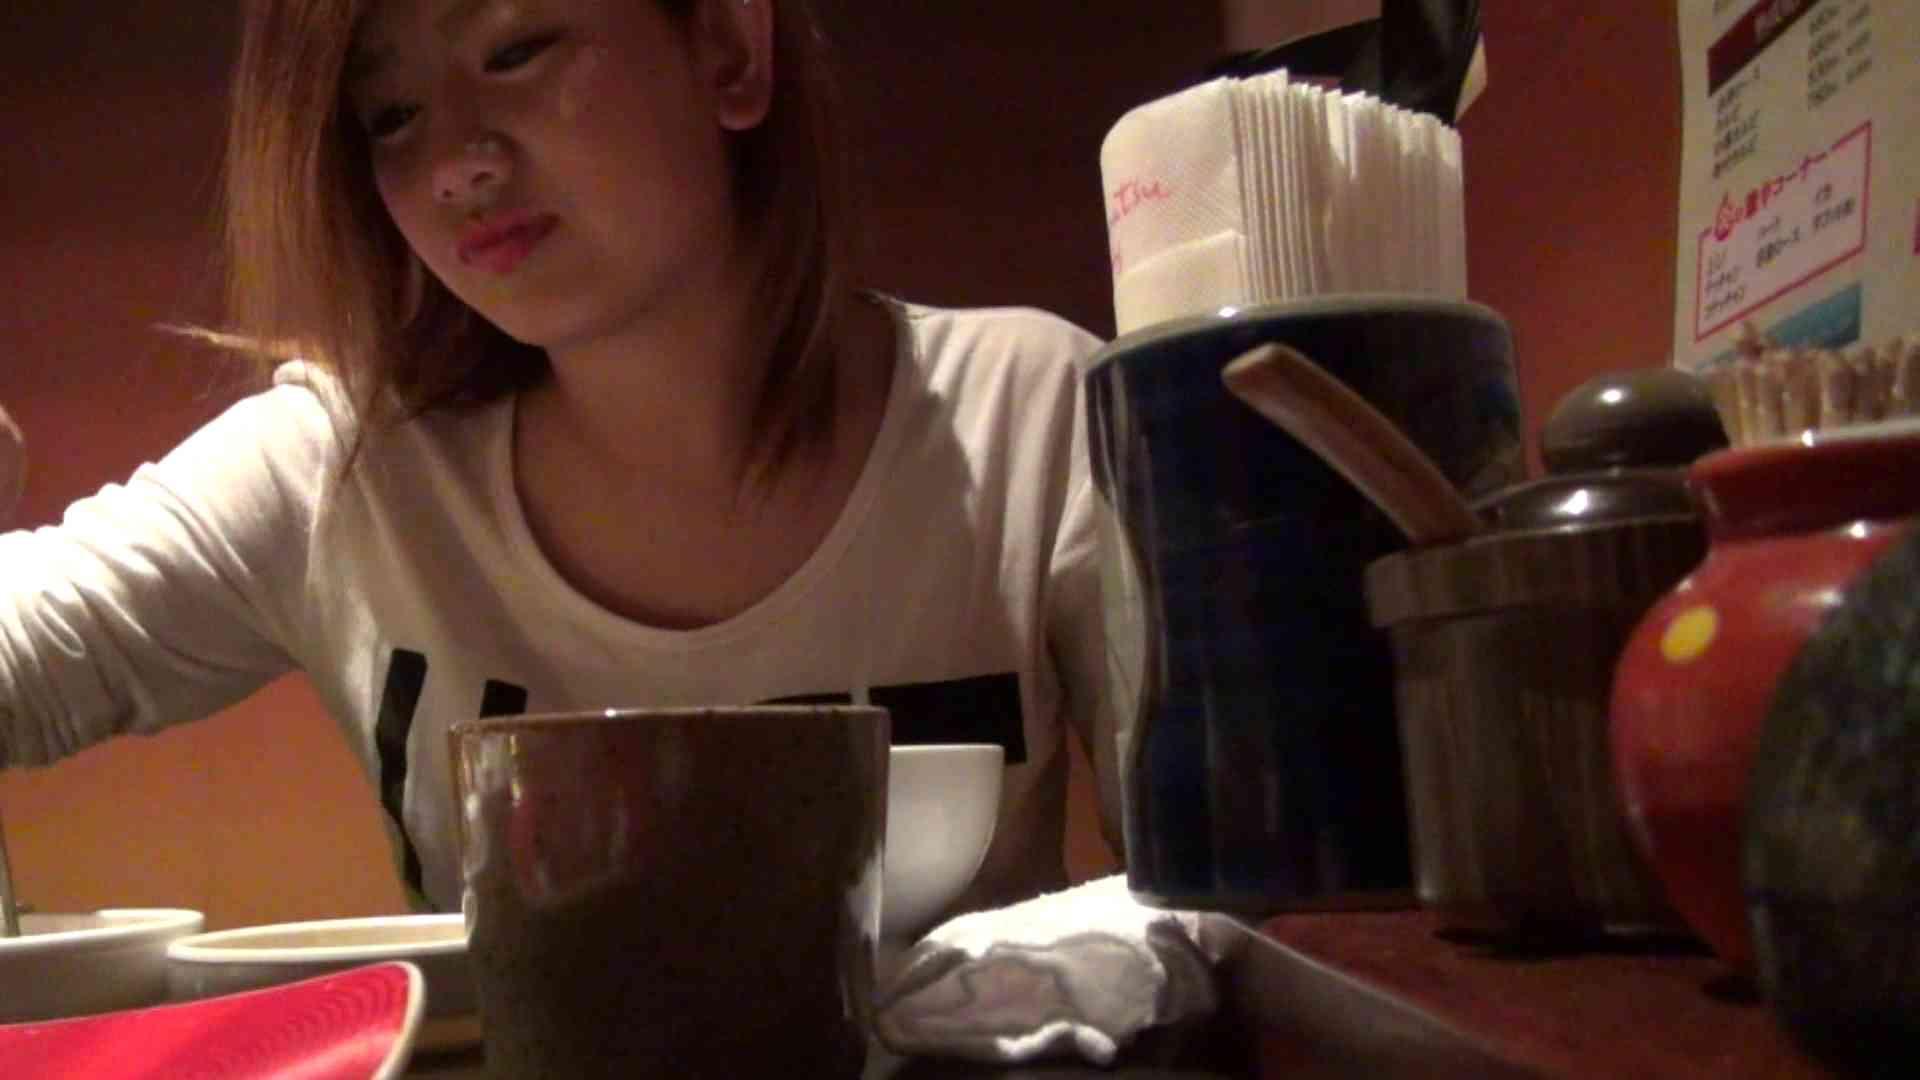 【出会い01】大助さんMちゃんと食事会 エッチすぎる友人   悪戯  54連発 9